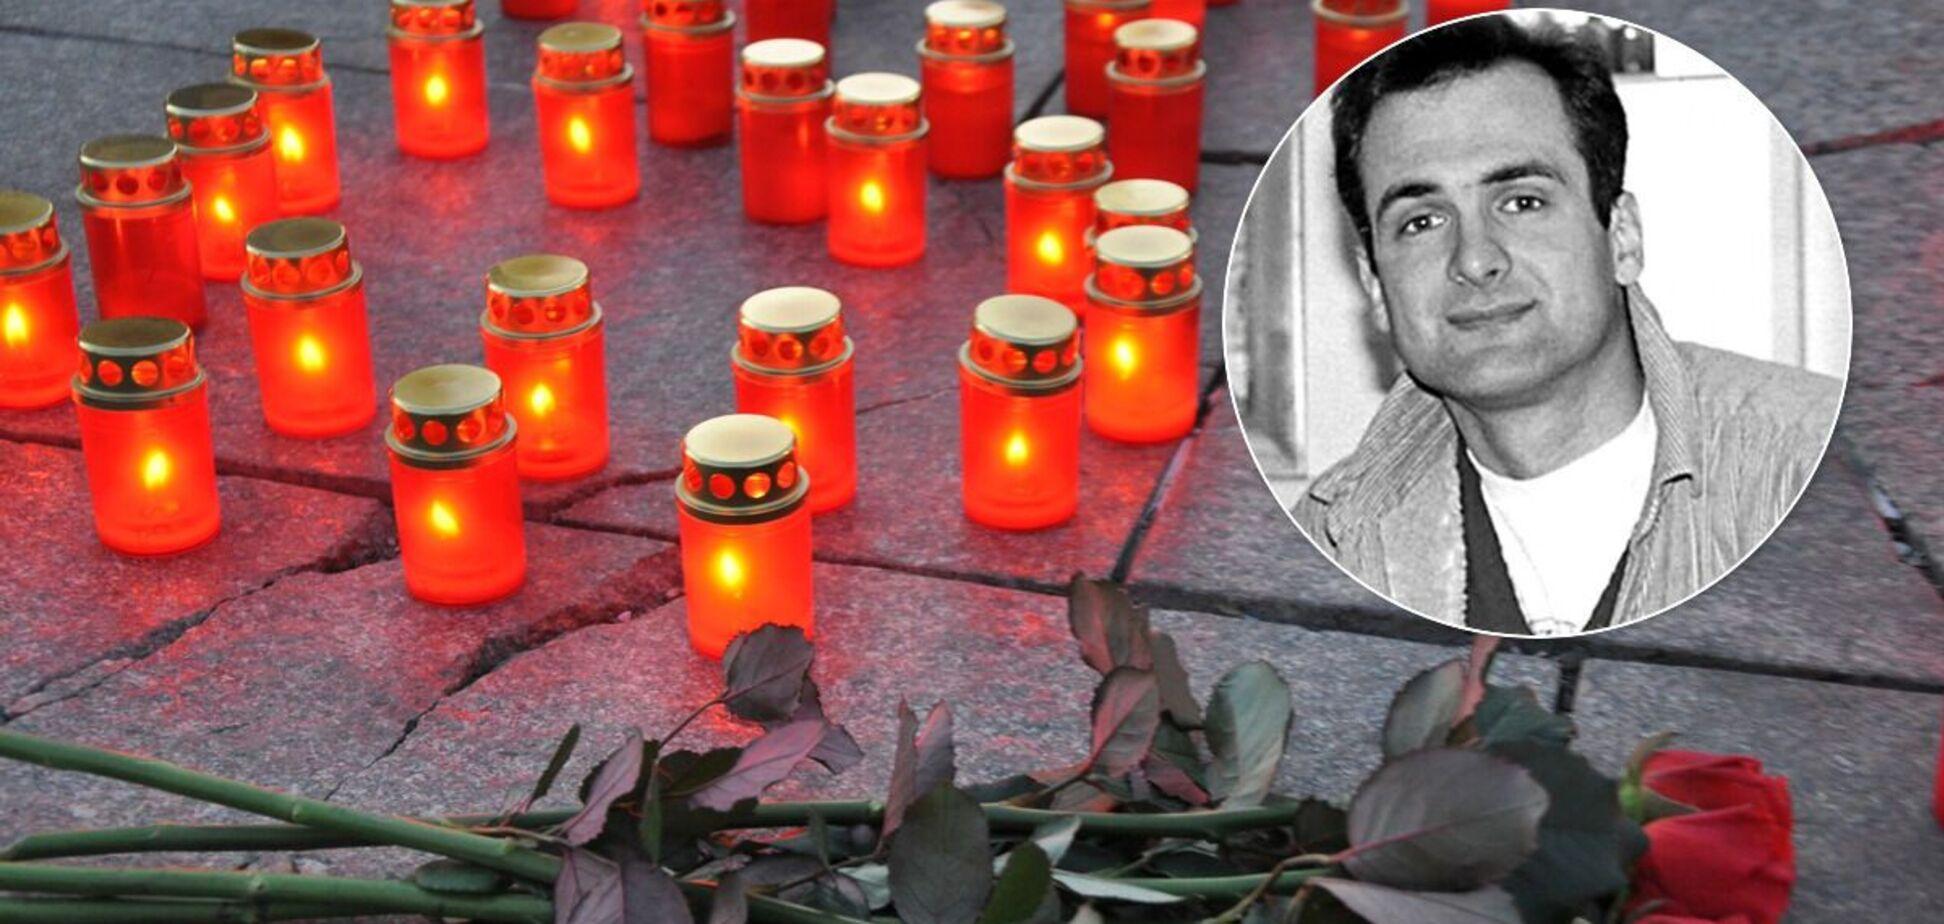 В деле об убийстве Гонгадзе исчезли свидетельские показания